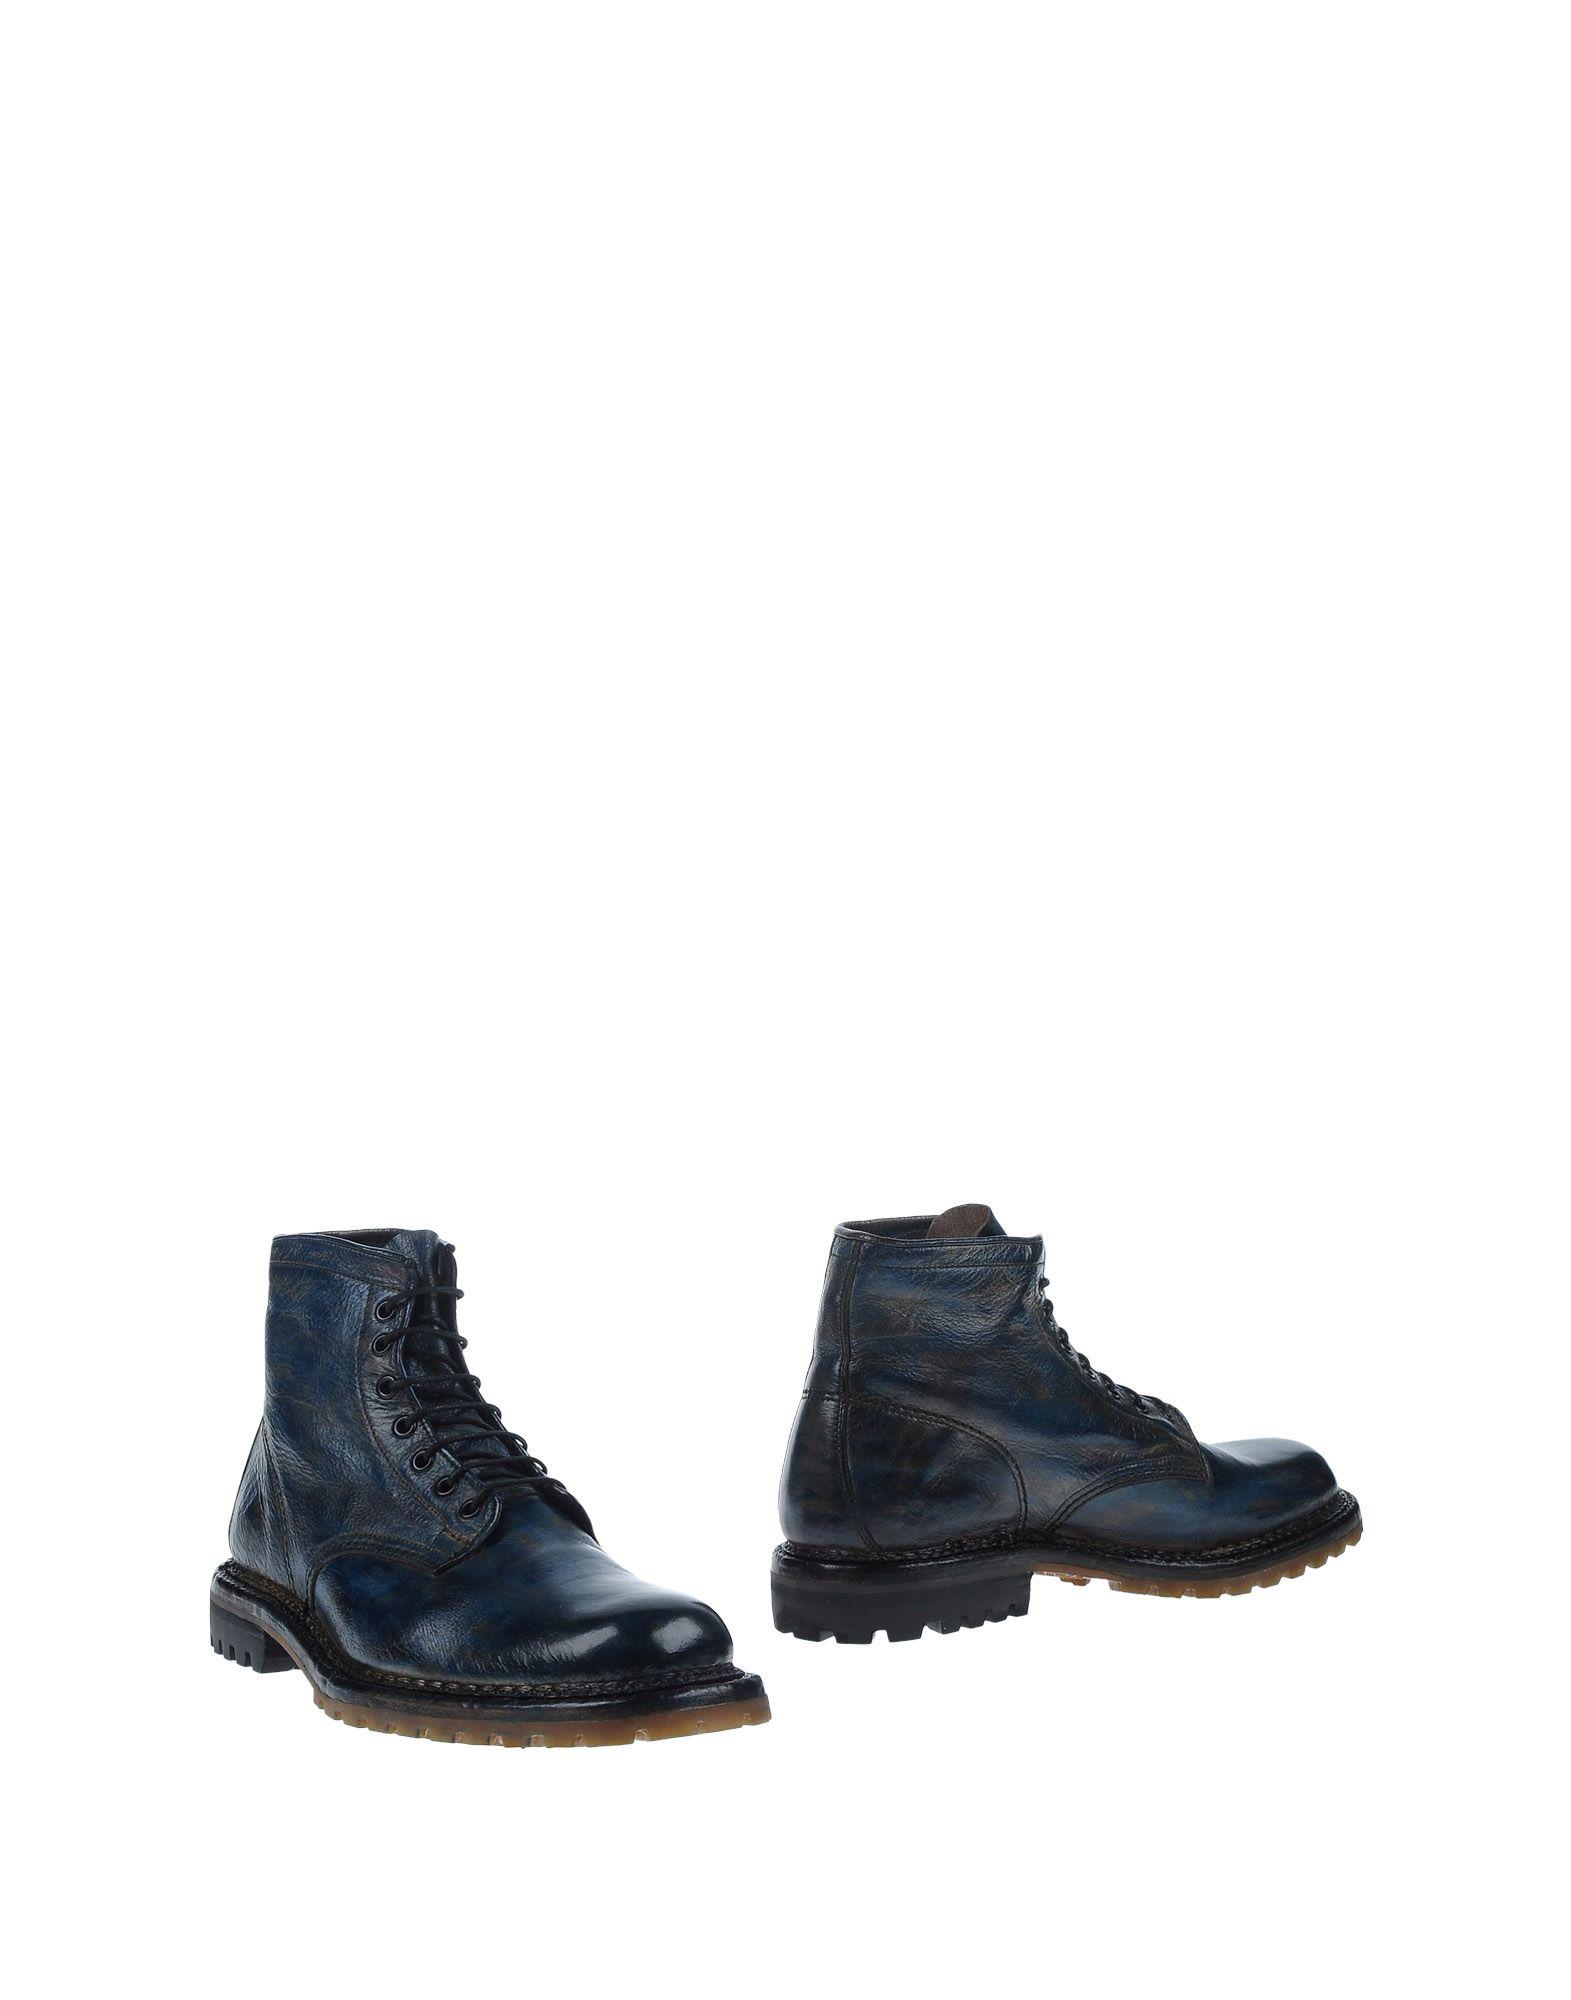 Premiata Stiefelette Herren  11096945TV Gute Qualität beliebte Schuhe